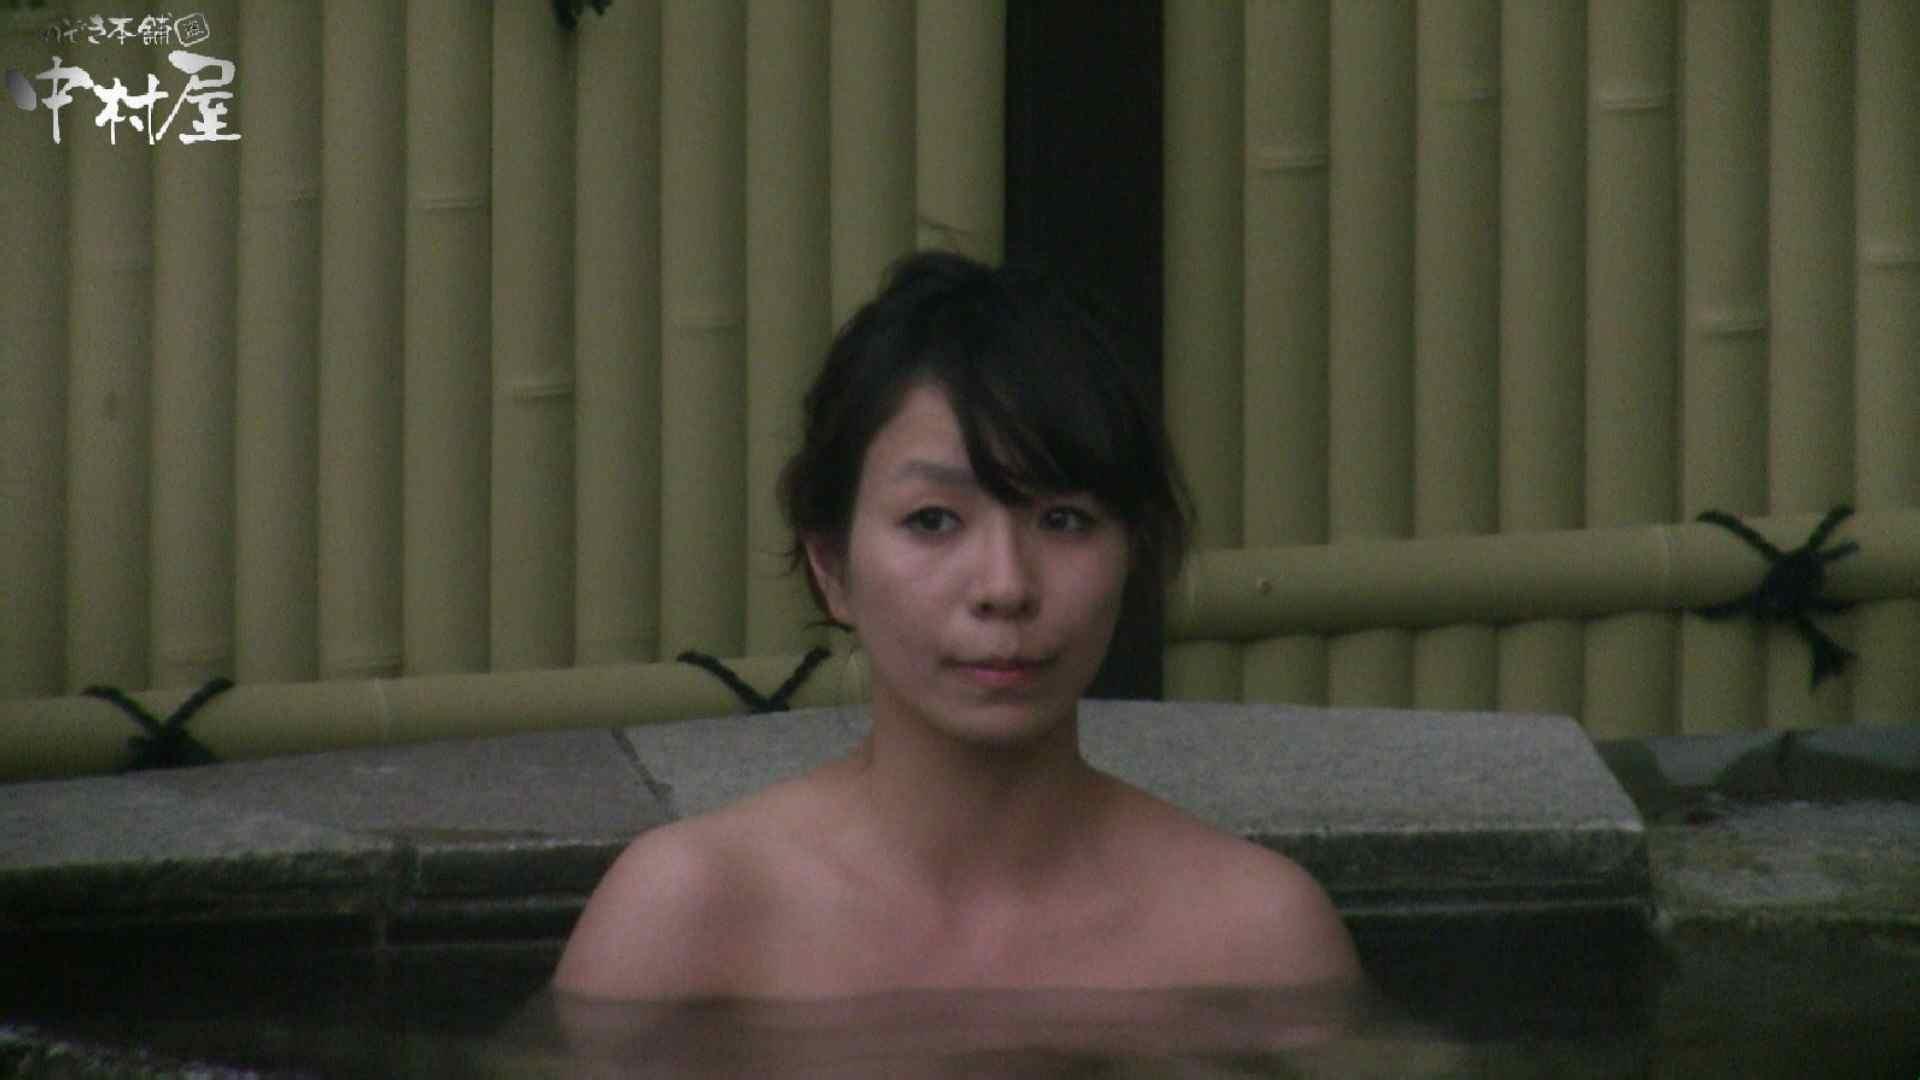 Aquaな露天風呂Vol.930 露天   盗撮  72pic 15